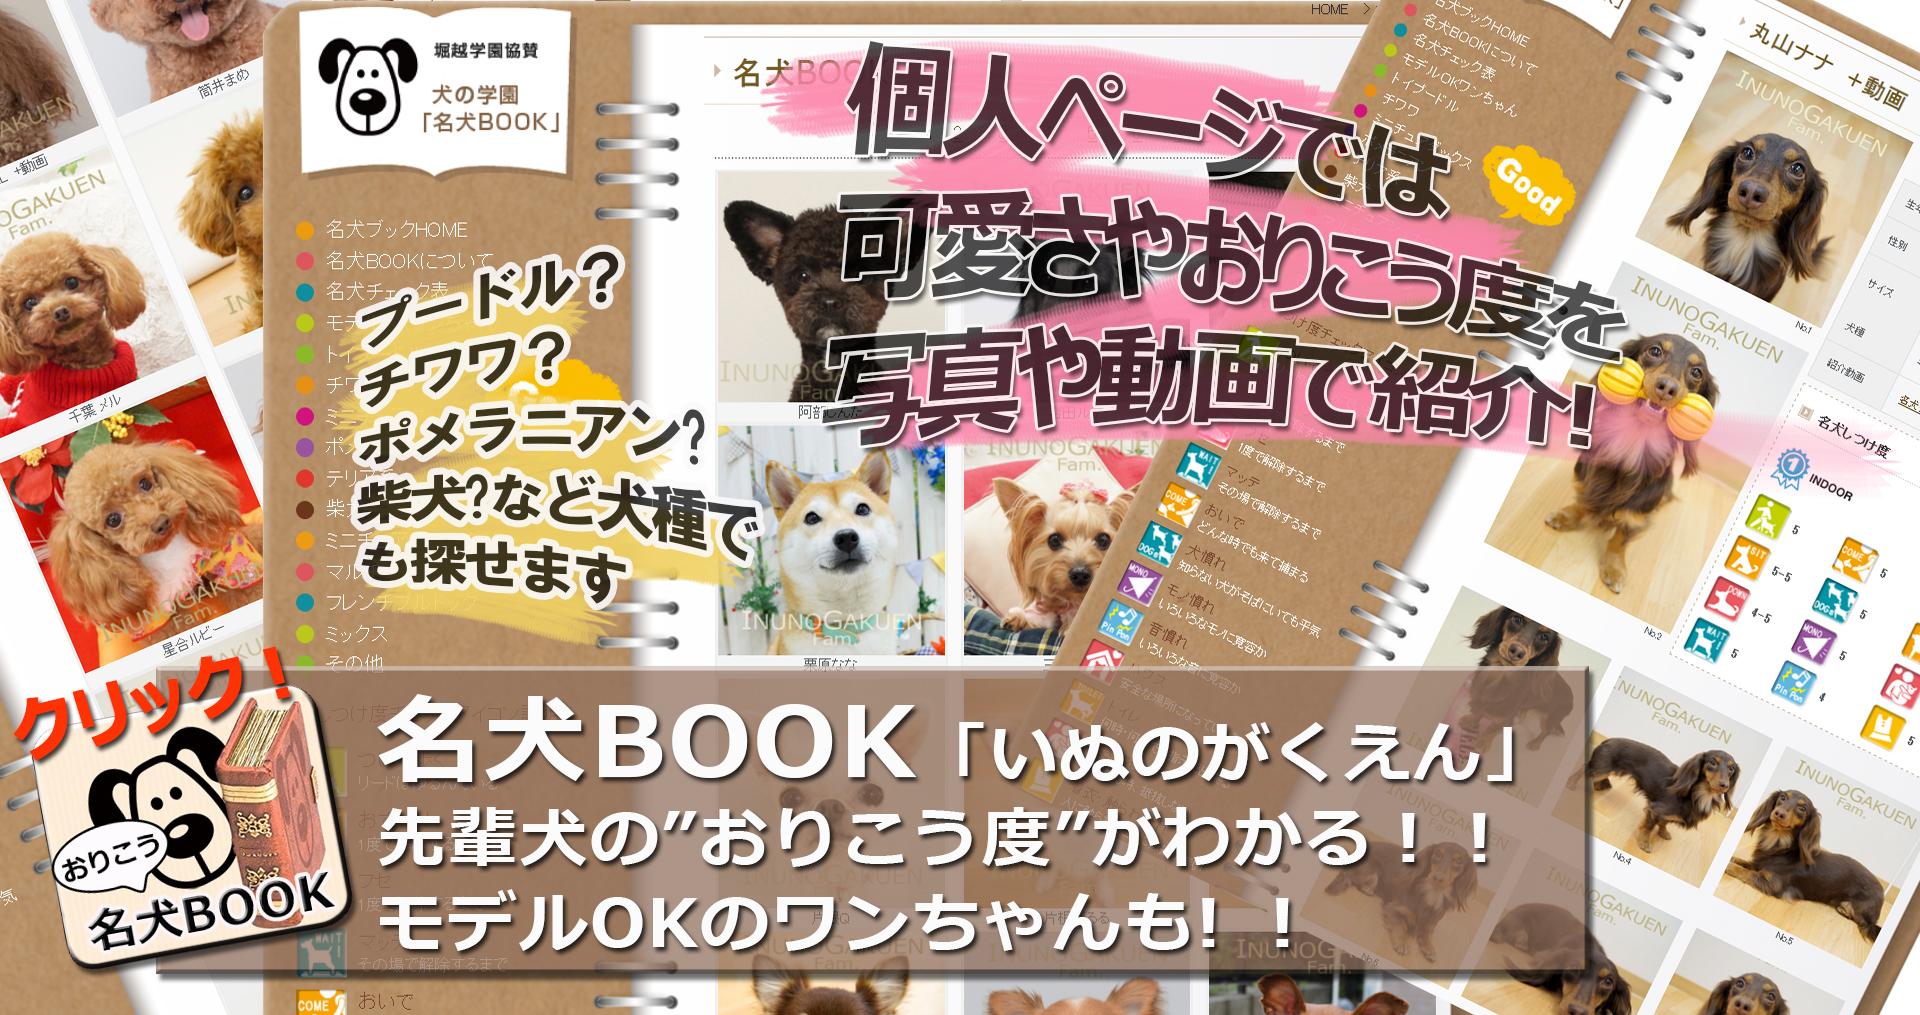 犬しつけ教室を東京都港区でお探しならファミリーナガーデン南青山・ペットホテルも!トップ画像3